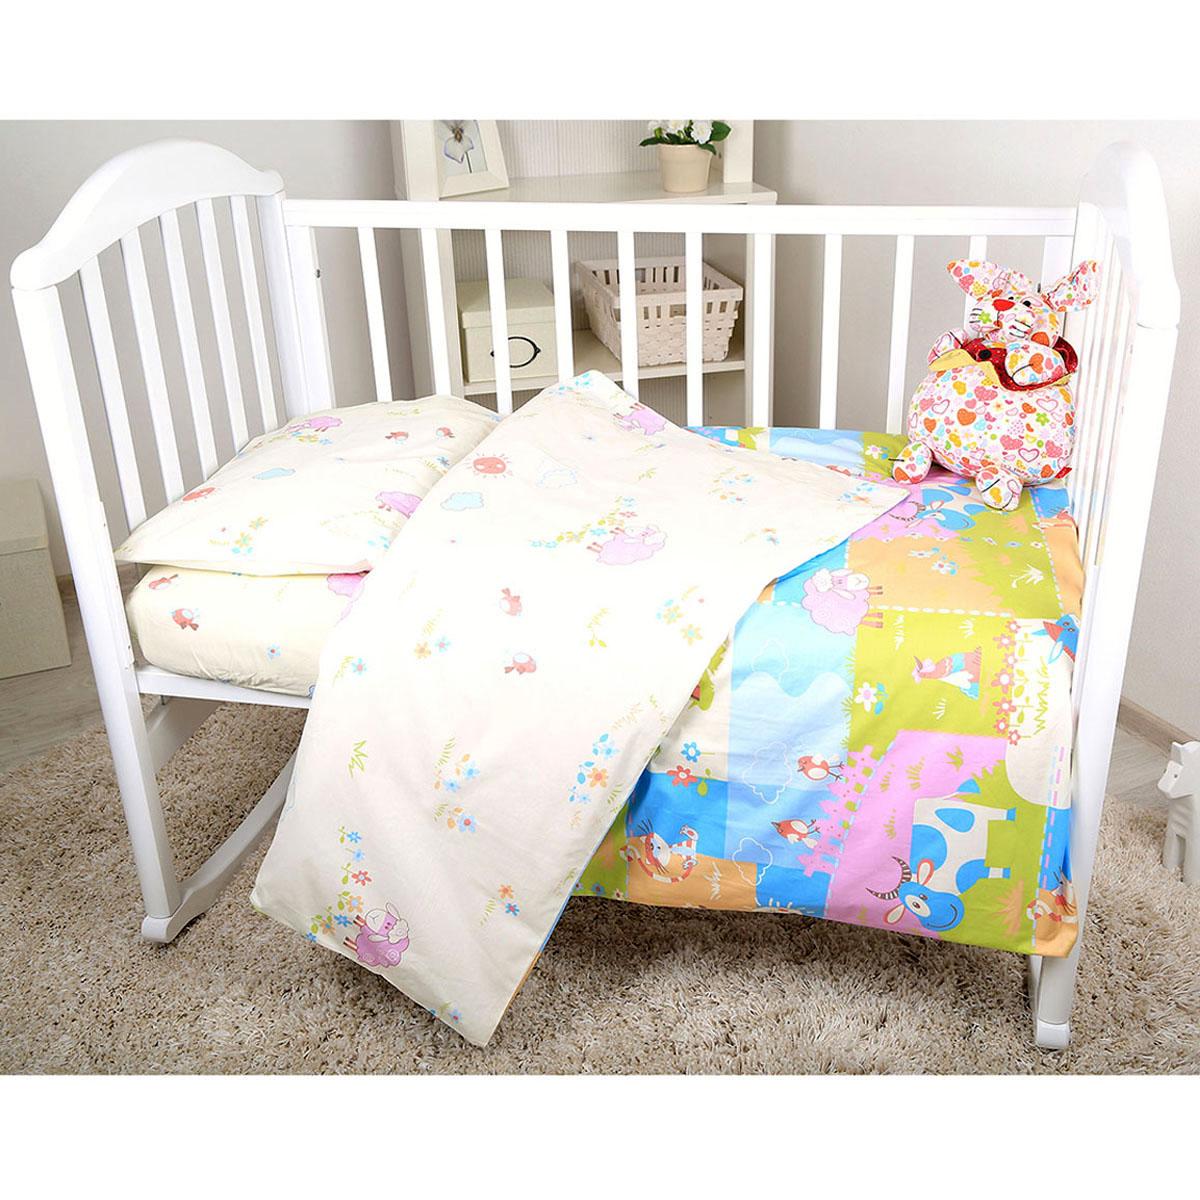 Комплект постельного белья Baby Nice сатин 100% хлопок Ферма (розовый, желтый, голубой)